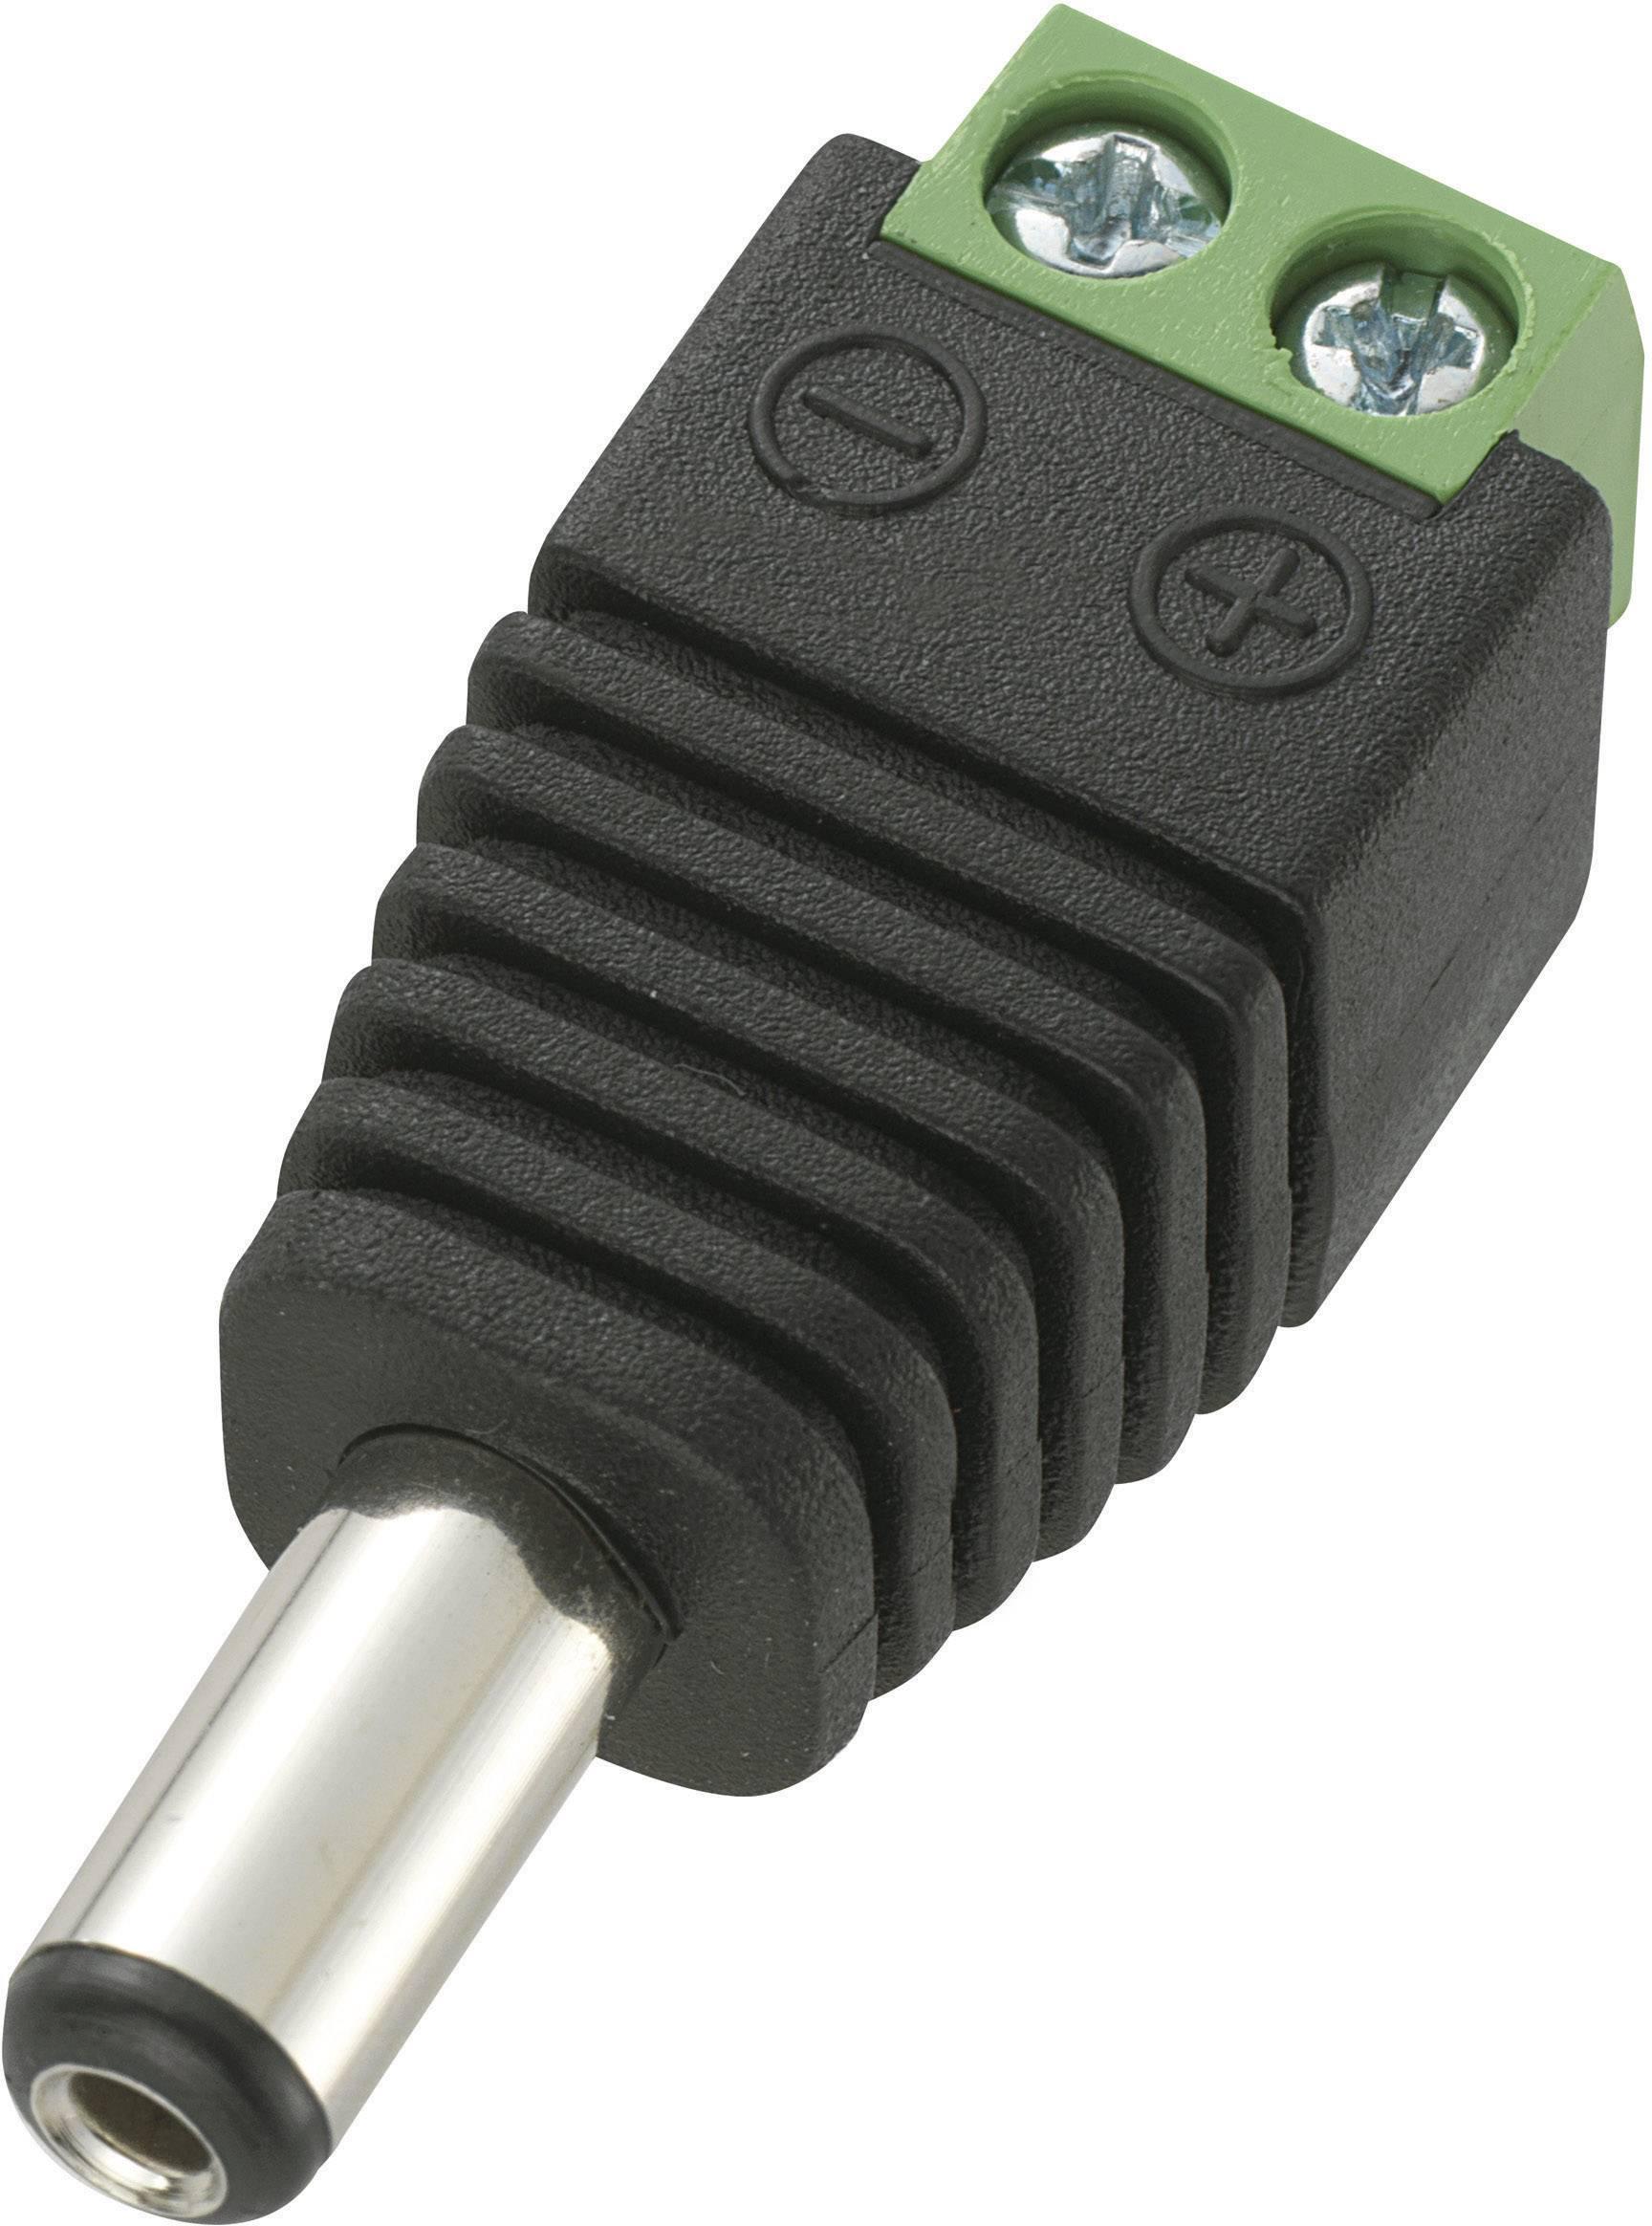 Nízkonapěťový konektor TRU COMPONENTS 735808, 12 V/DC, 5 A, zástrčka, rovná, DC14-M, 5.5 mm, 2.1 mm, 1 ks